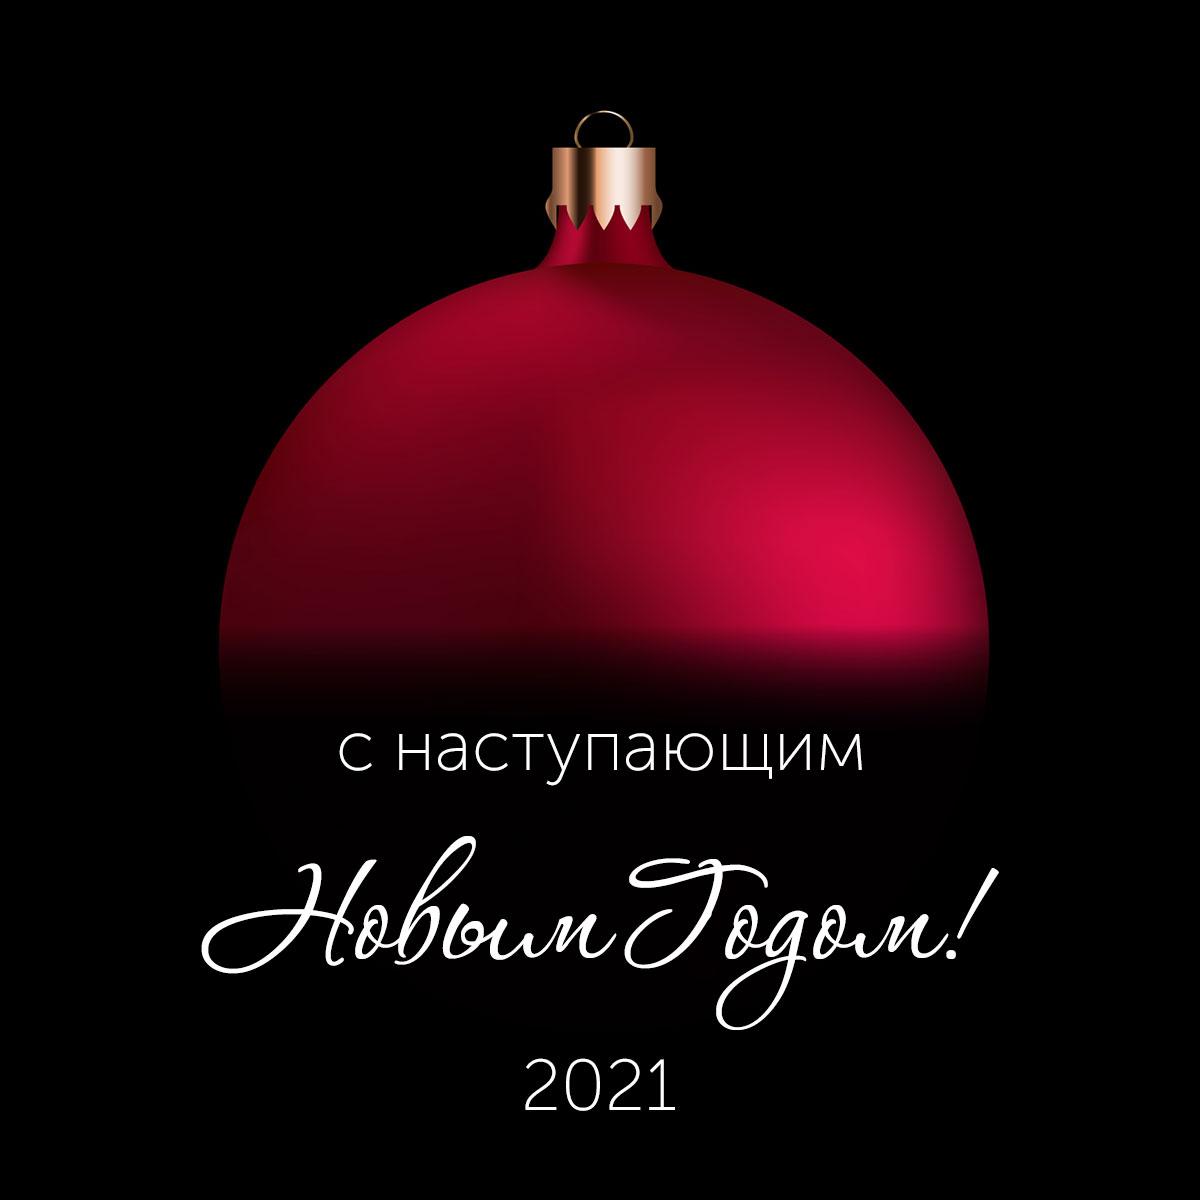 Красный новогодний шар в стиле минимализм на чёрном фоне.